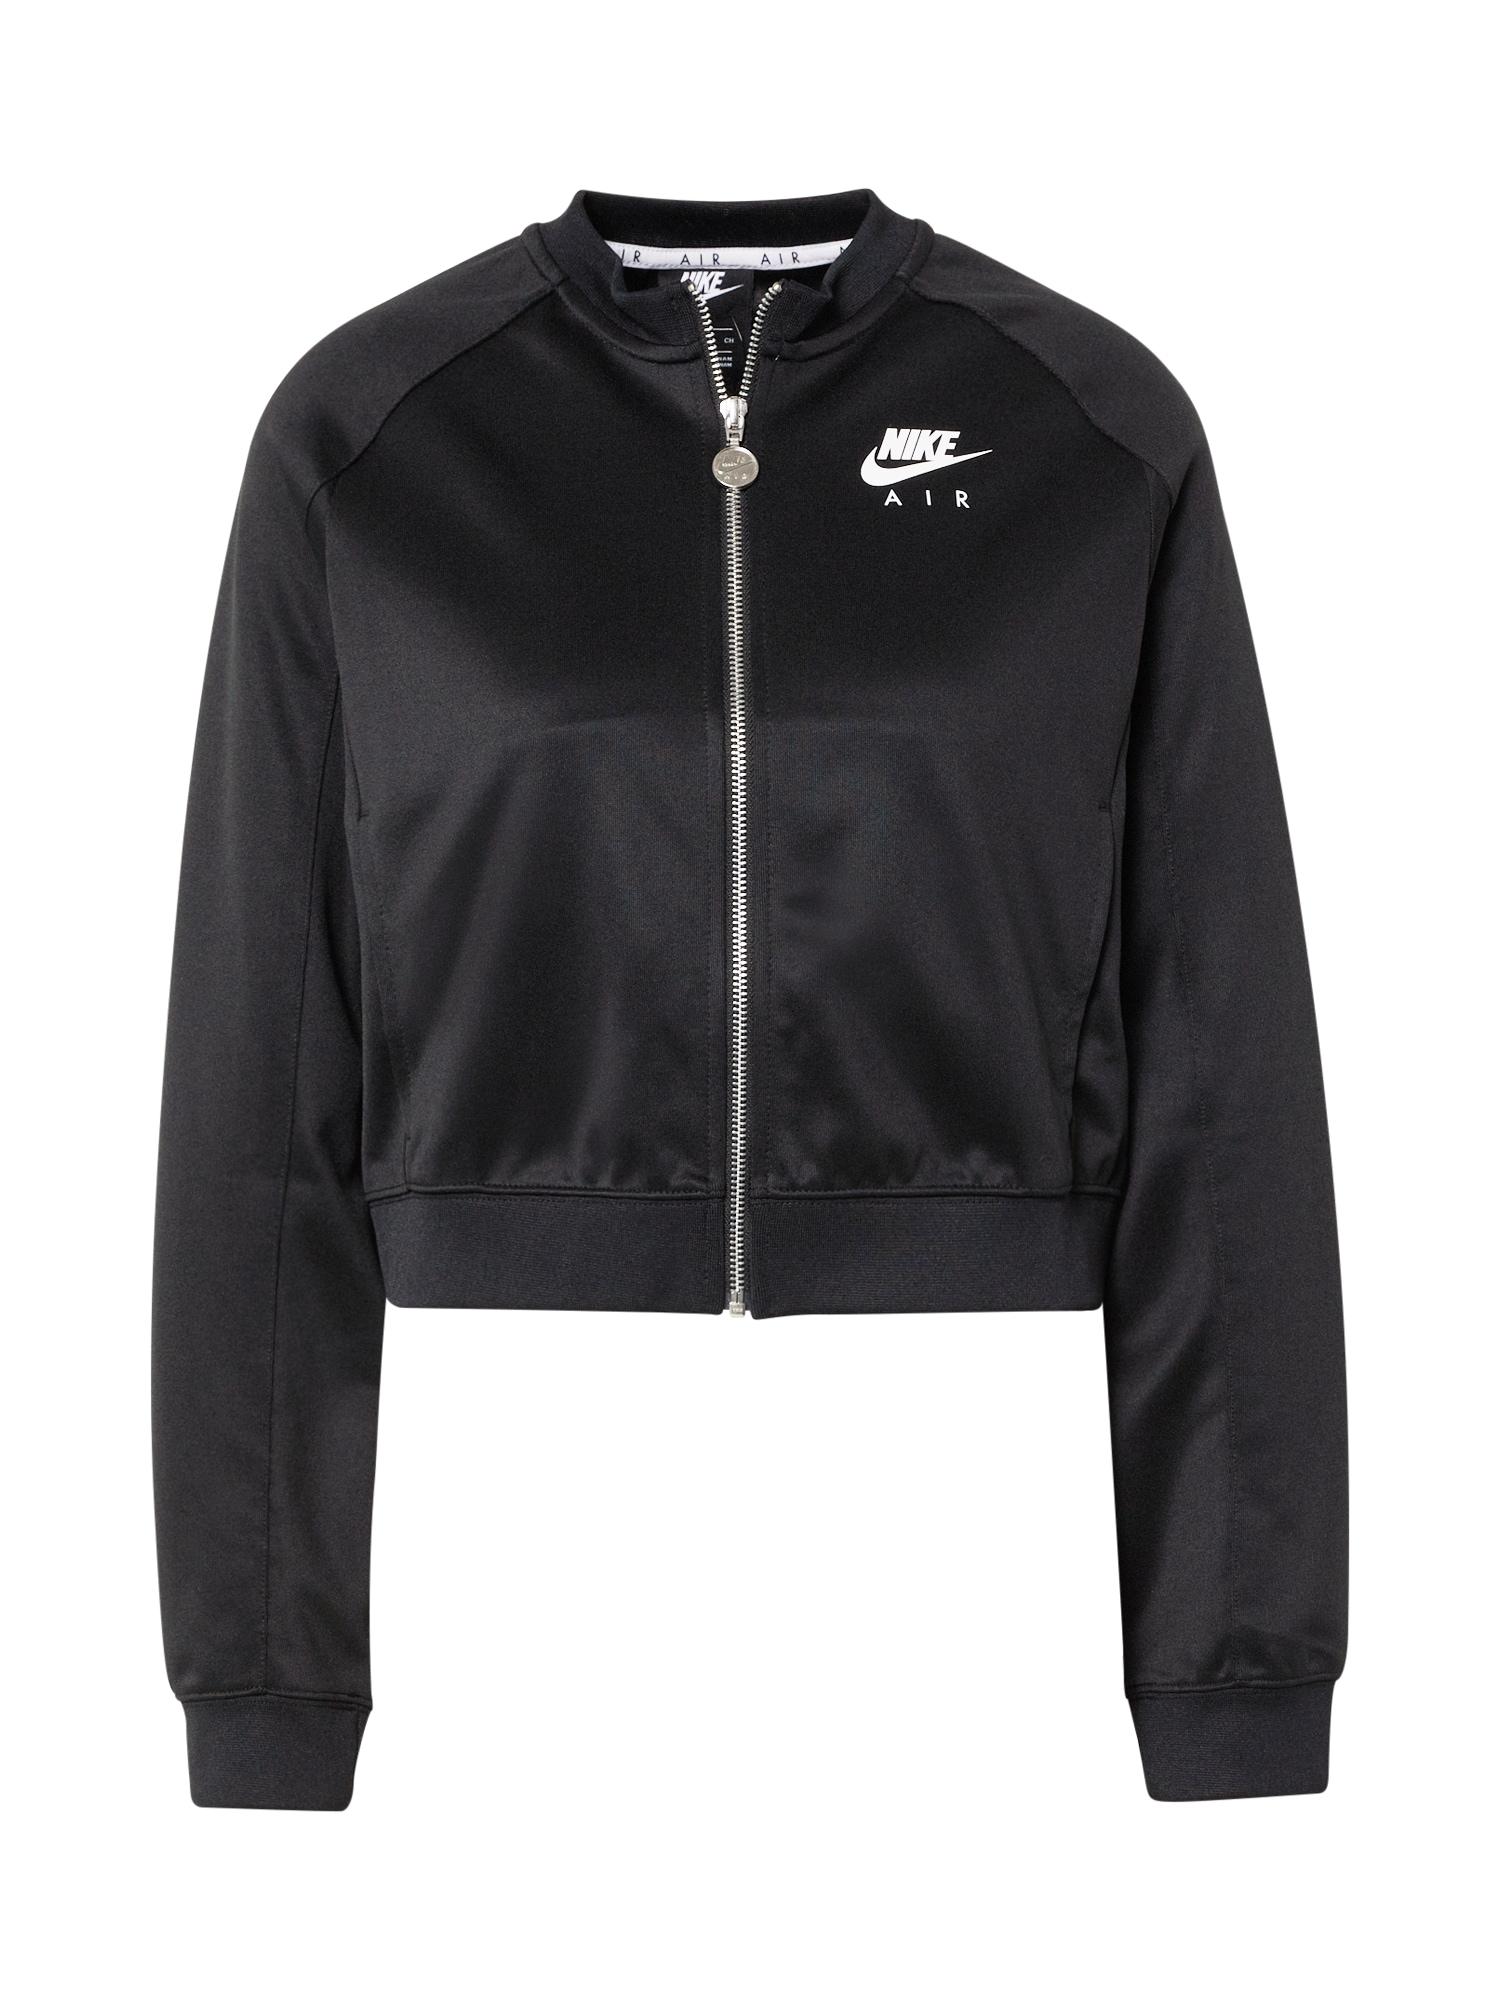 Nike Sportswear Demisezoninė striukė 'AIR' juoda